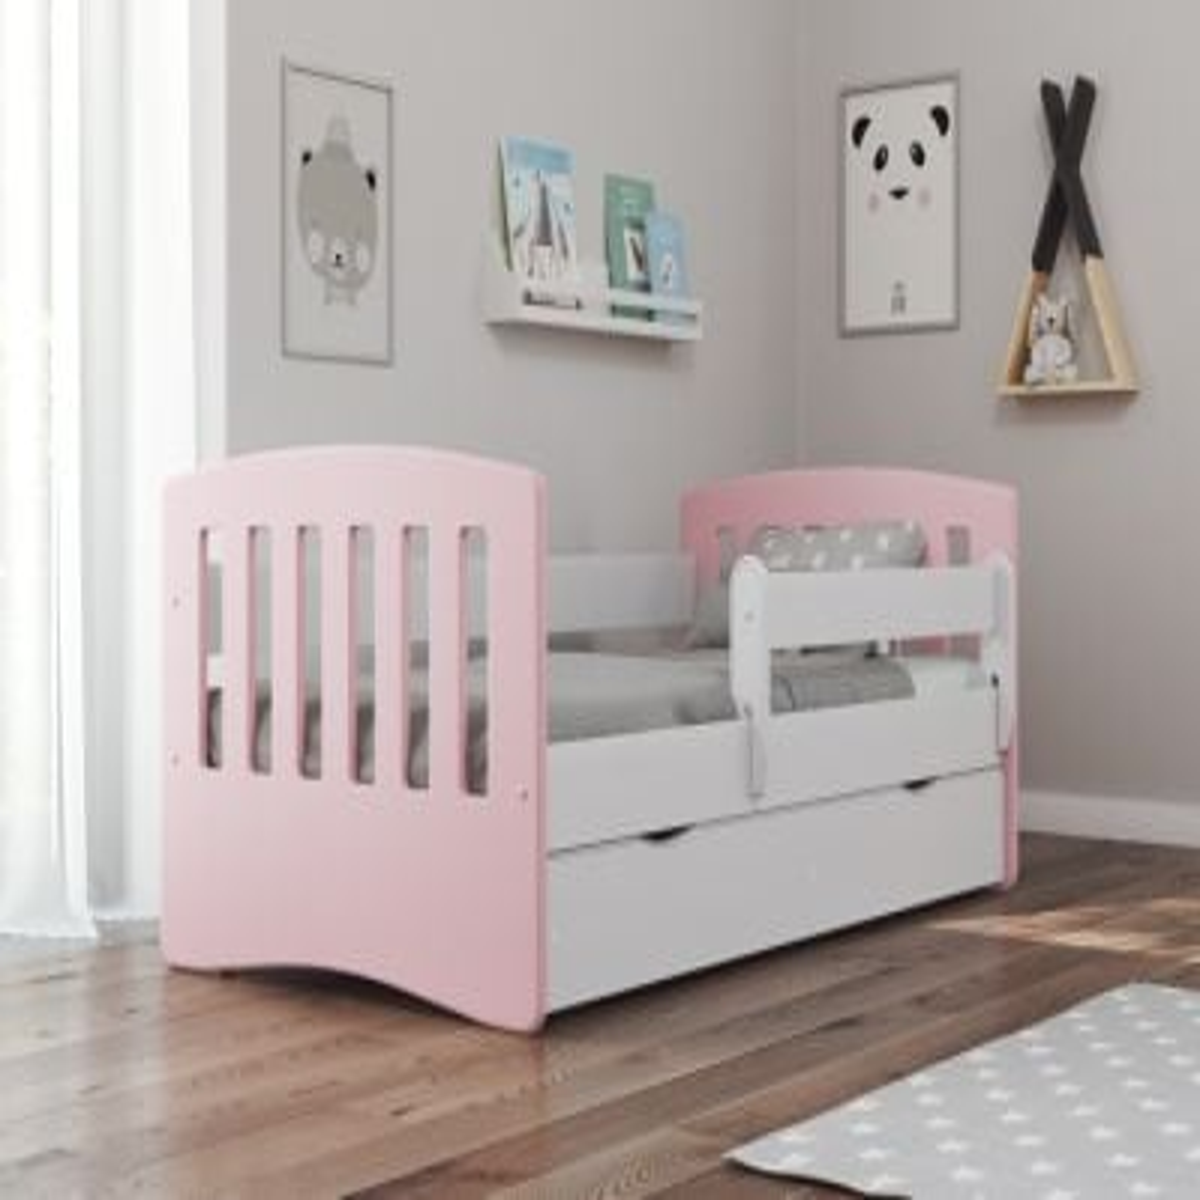 Łóżko dziecięce CLASSIC 1 MIX 140x80 różowe